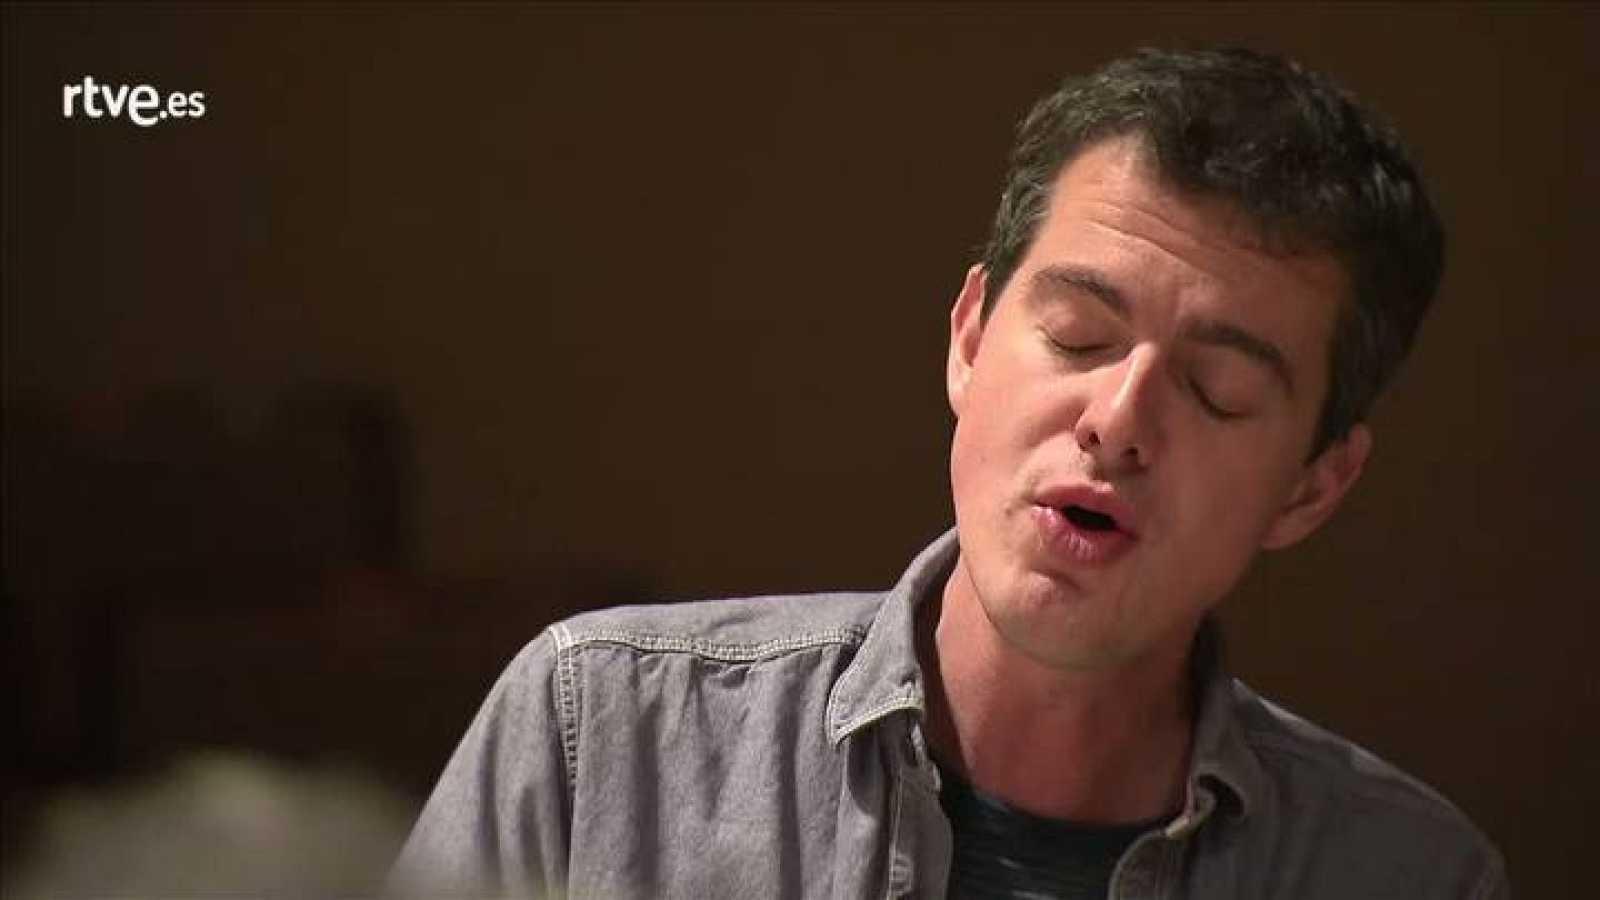 Atenci N Obras La Voz De Philip Jaroussky En Un Ensayo Rtve Es -> Sala De Ensayo Tv Rosario